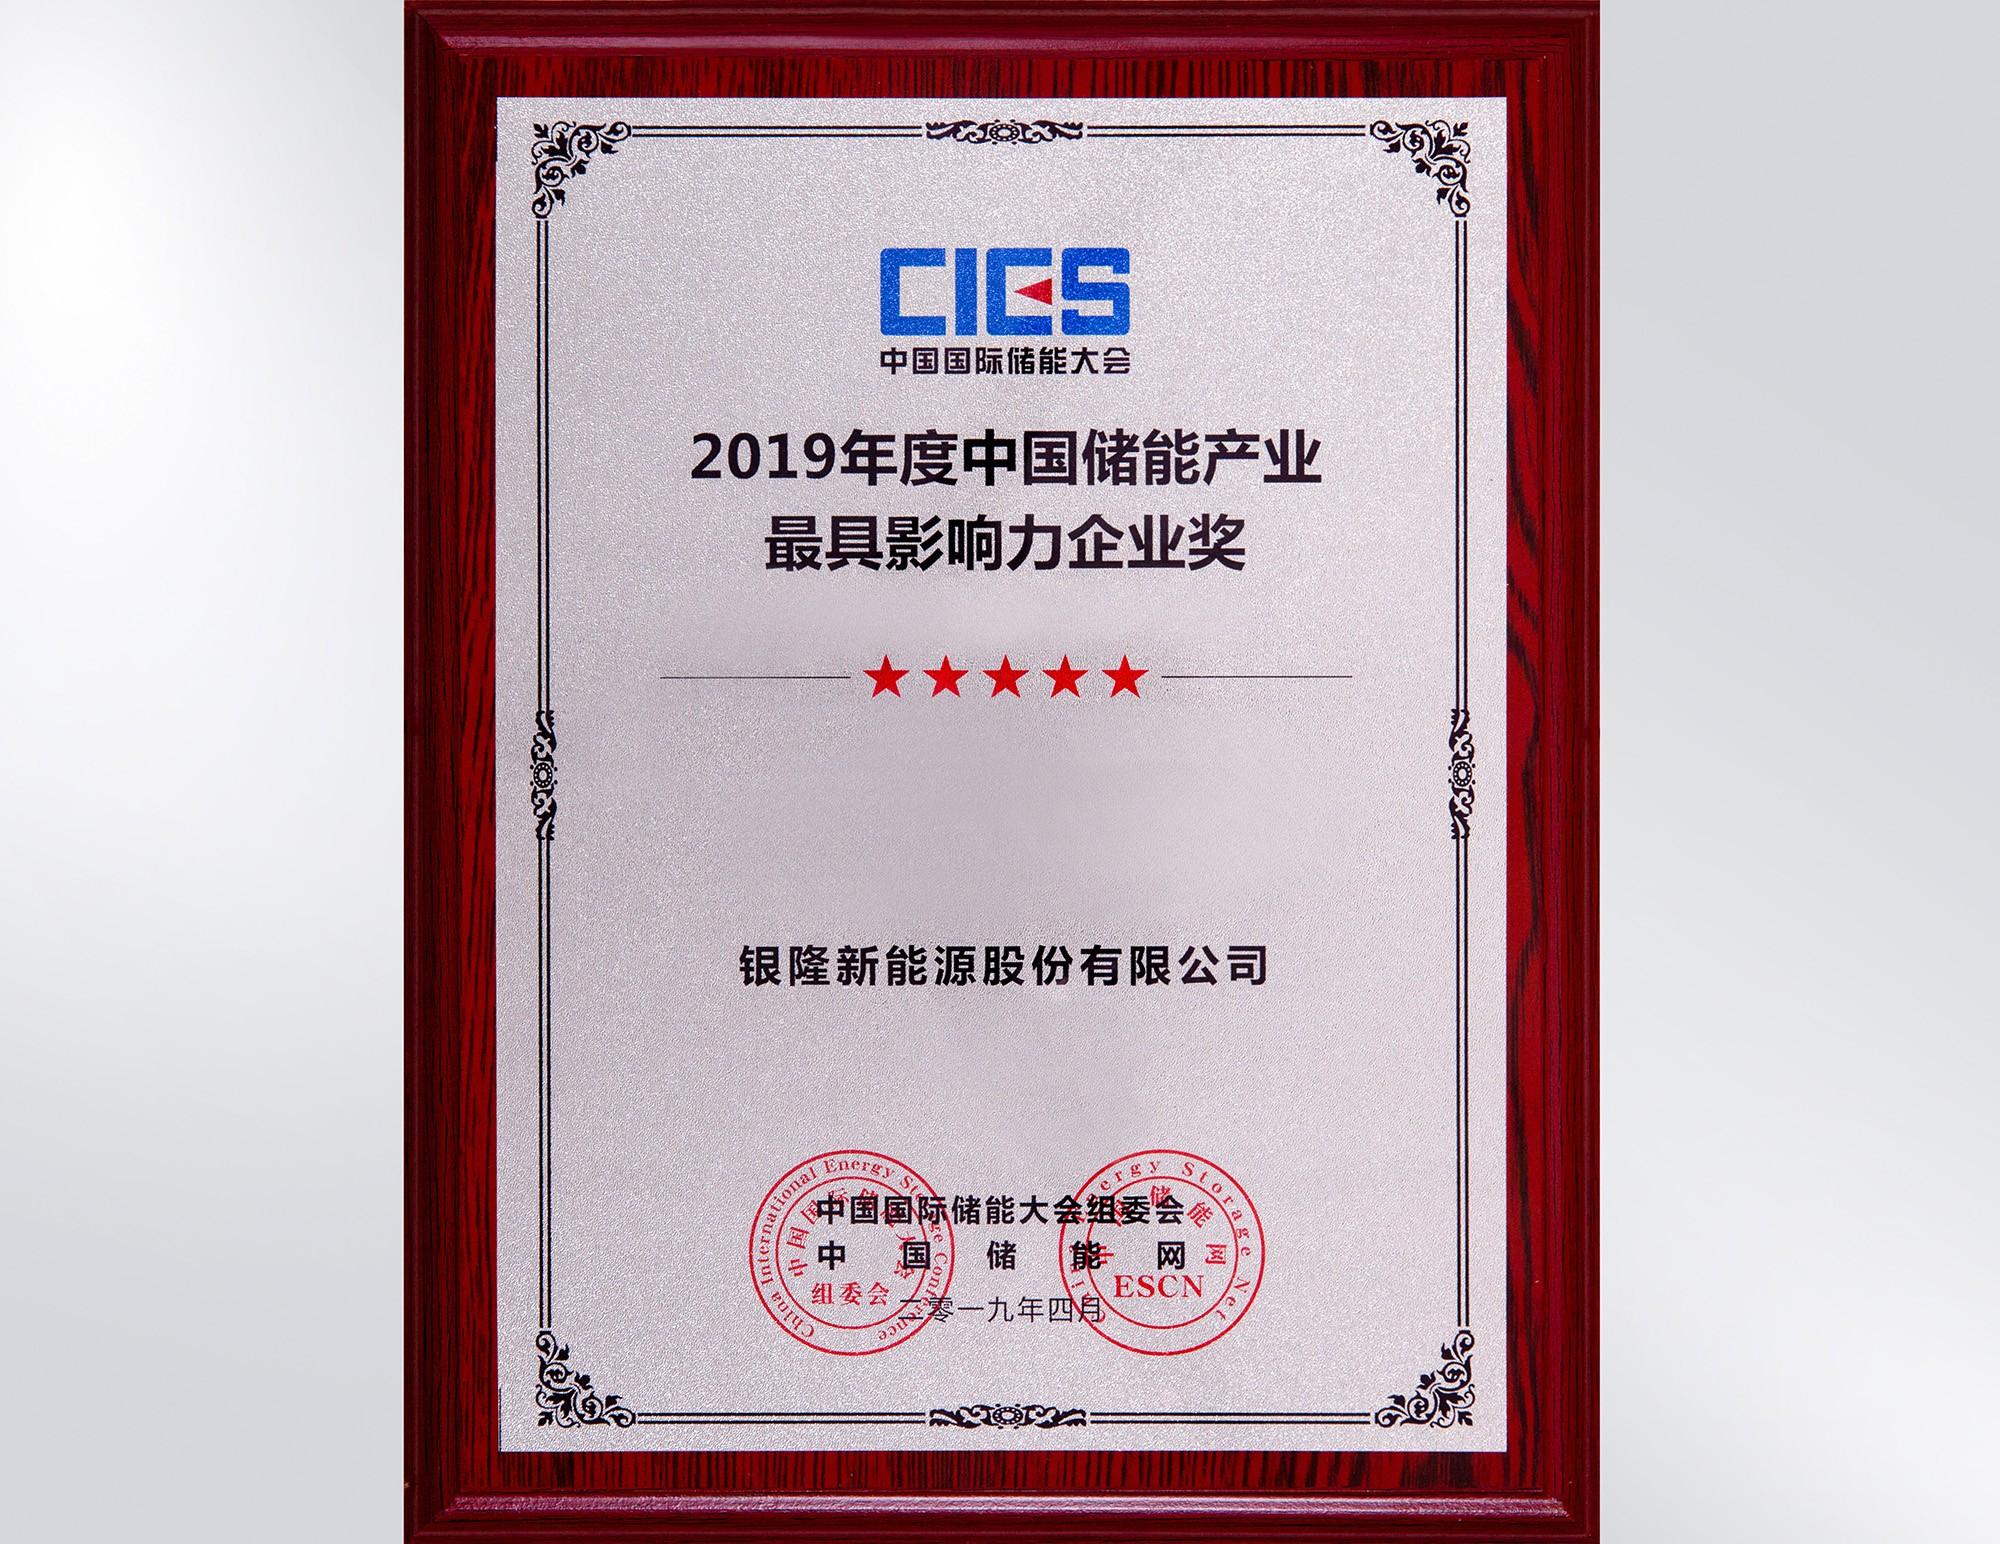 2019年度中国雷竞技App产业最具影响力企业奖